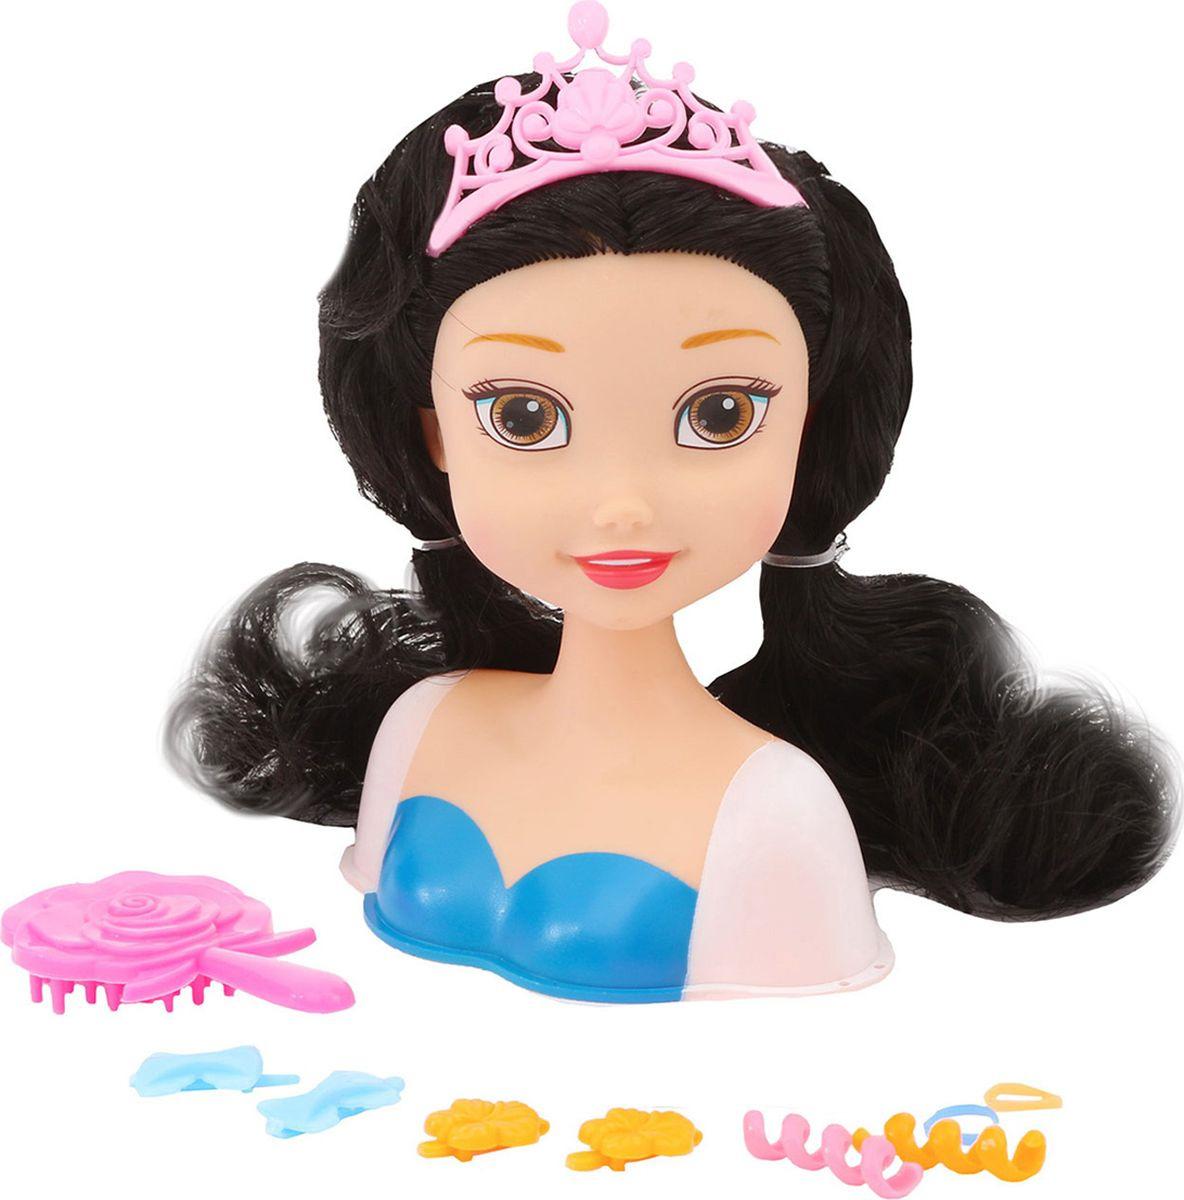 """Кукла-манекен для создания причесок """"Милая принцесса-3"""", с аксессуарами, 3289324"""